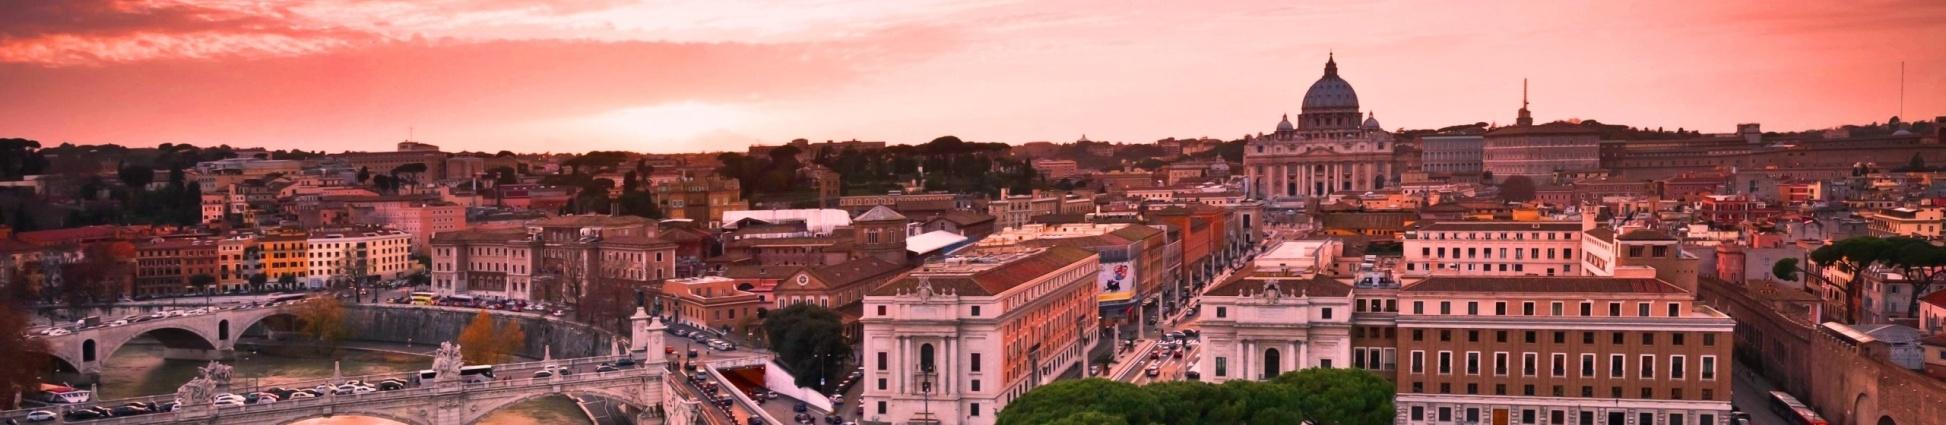 SICILIJA - RIM - NAPULJ NOVA GODINA 2020